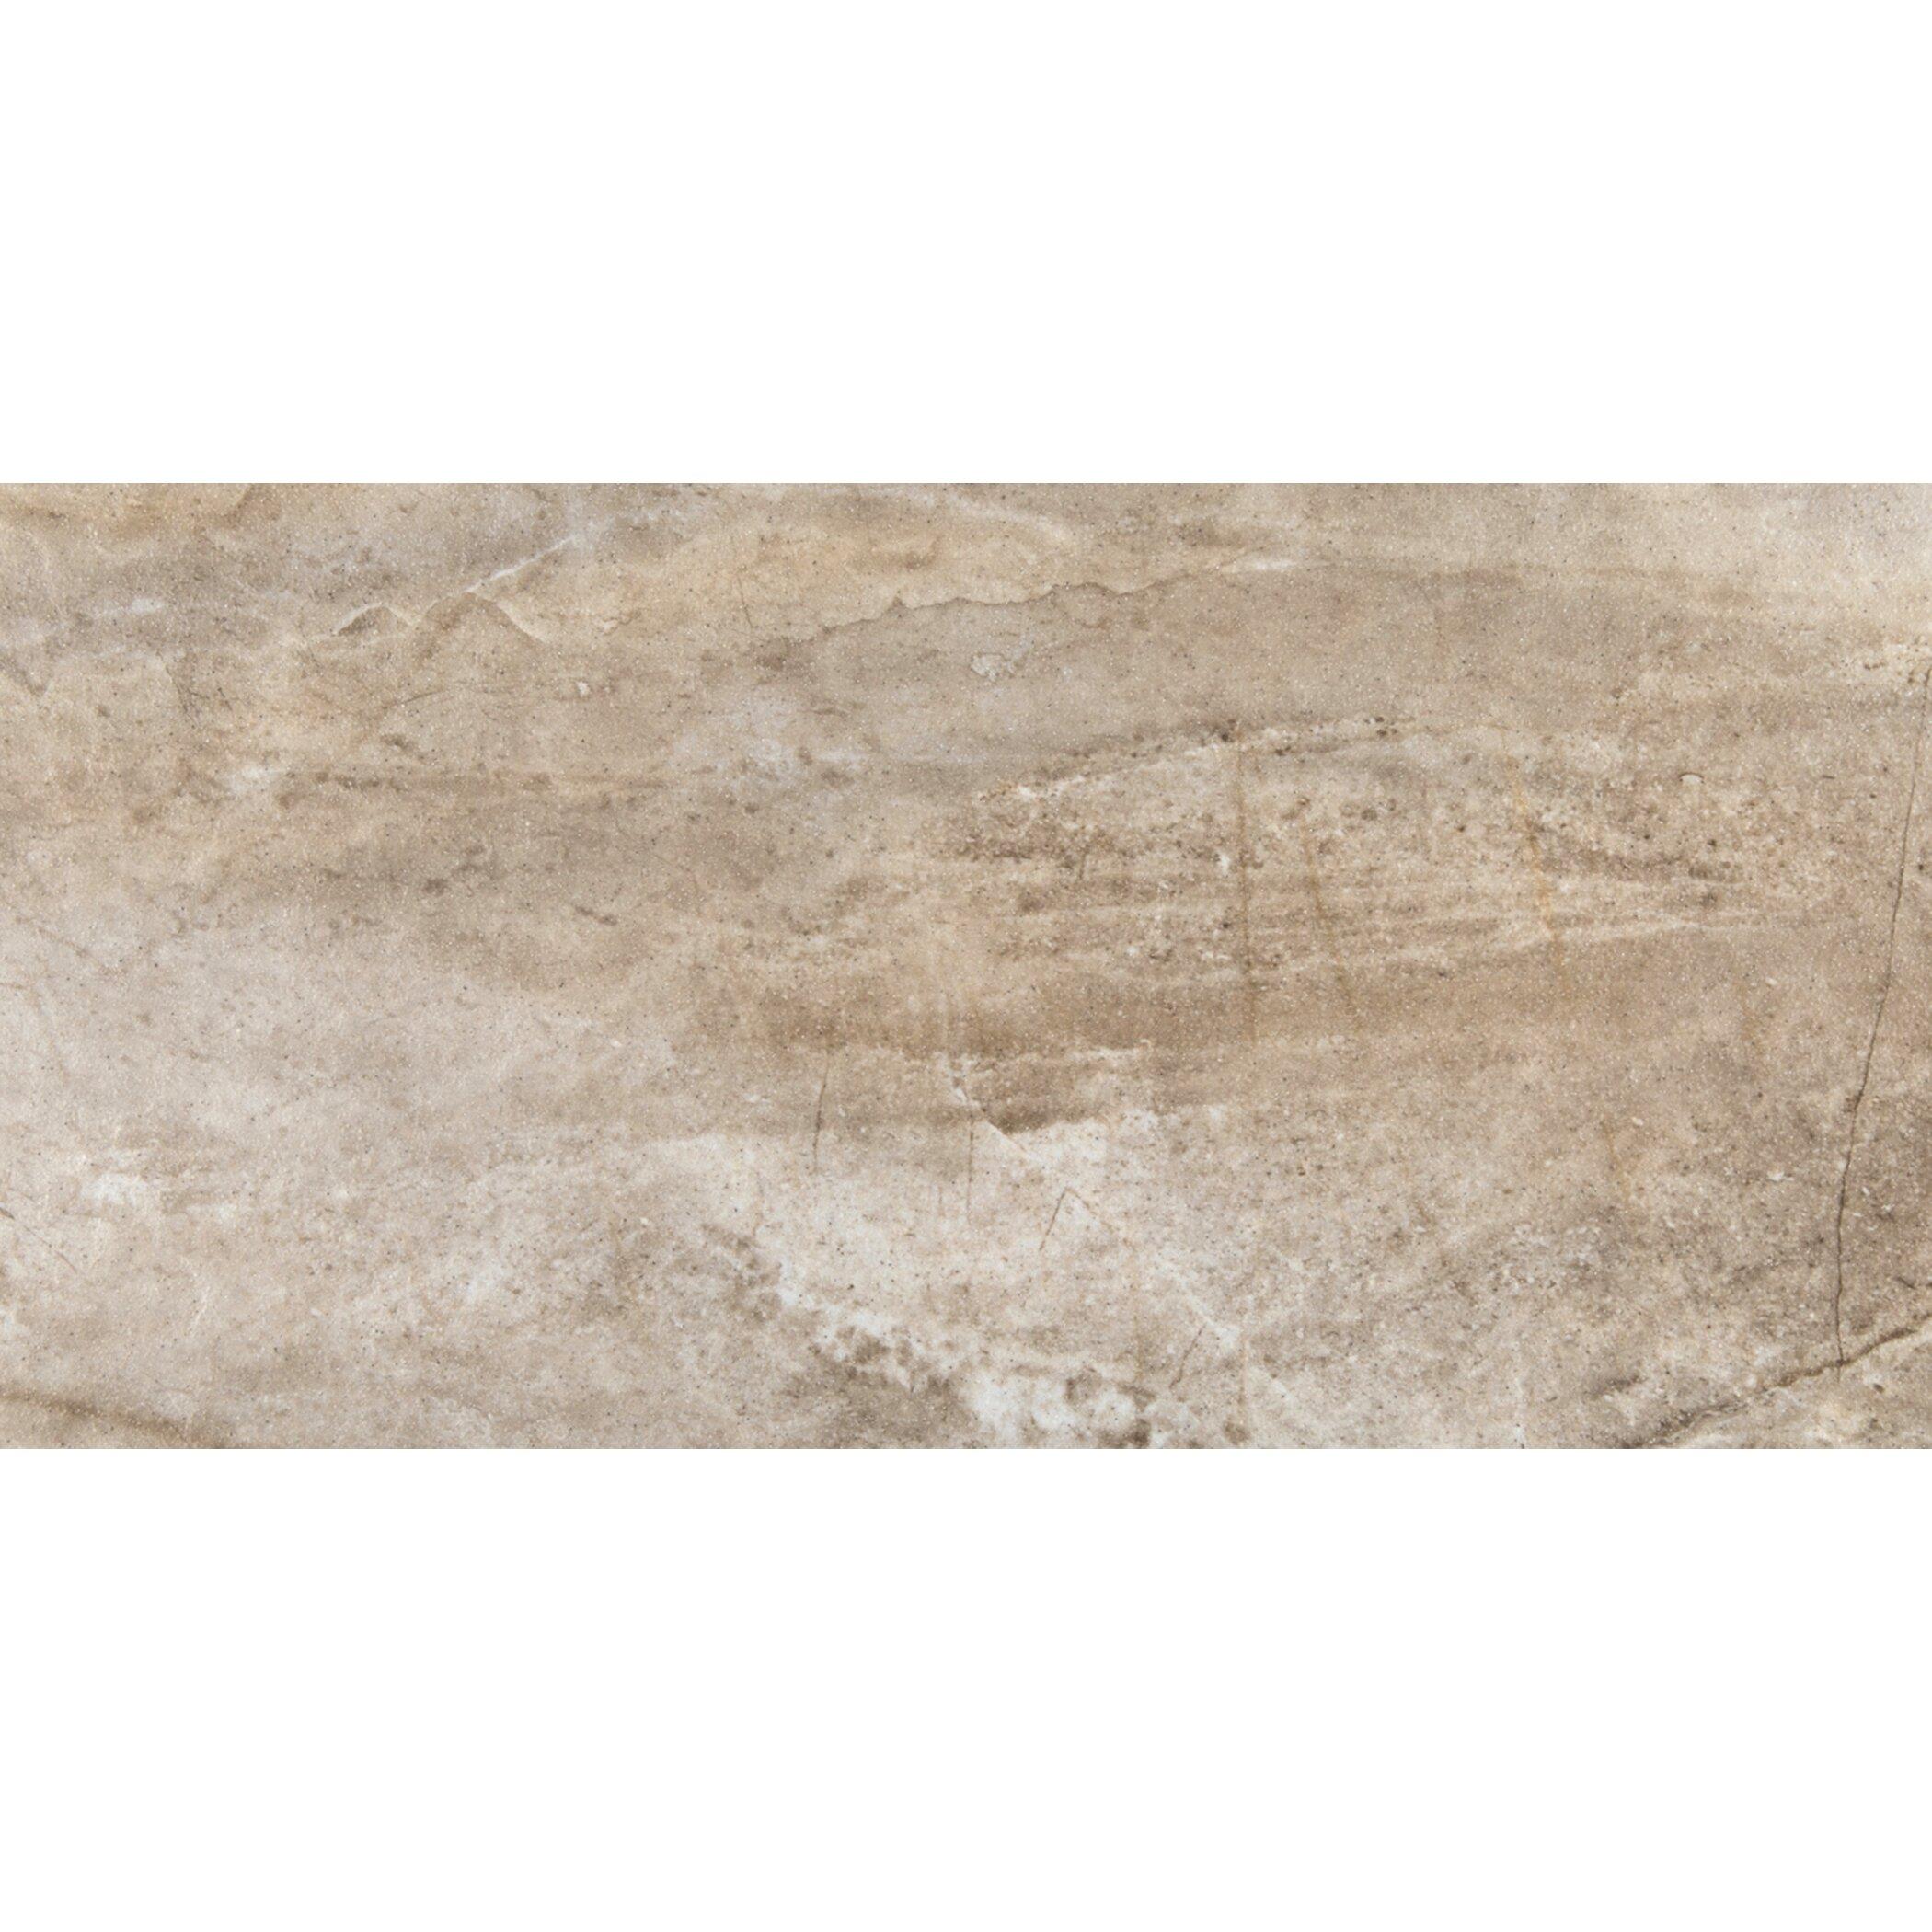 Emser tile eurasia 12 x 24 porcelain field tile in cafe for 12 x 24 ceramic floor tile